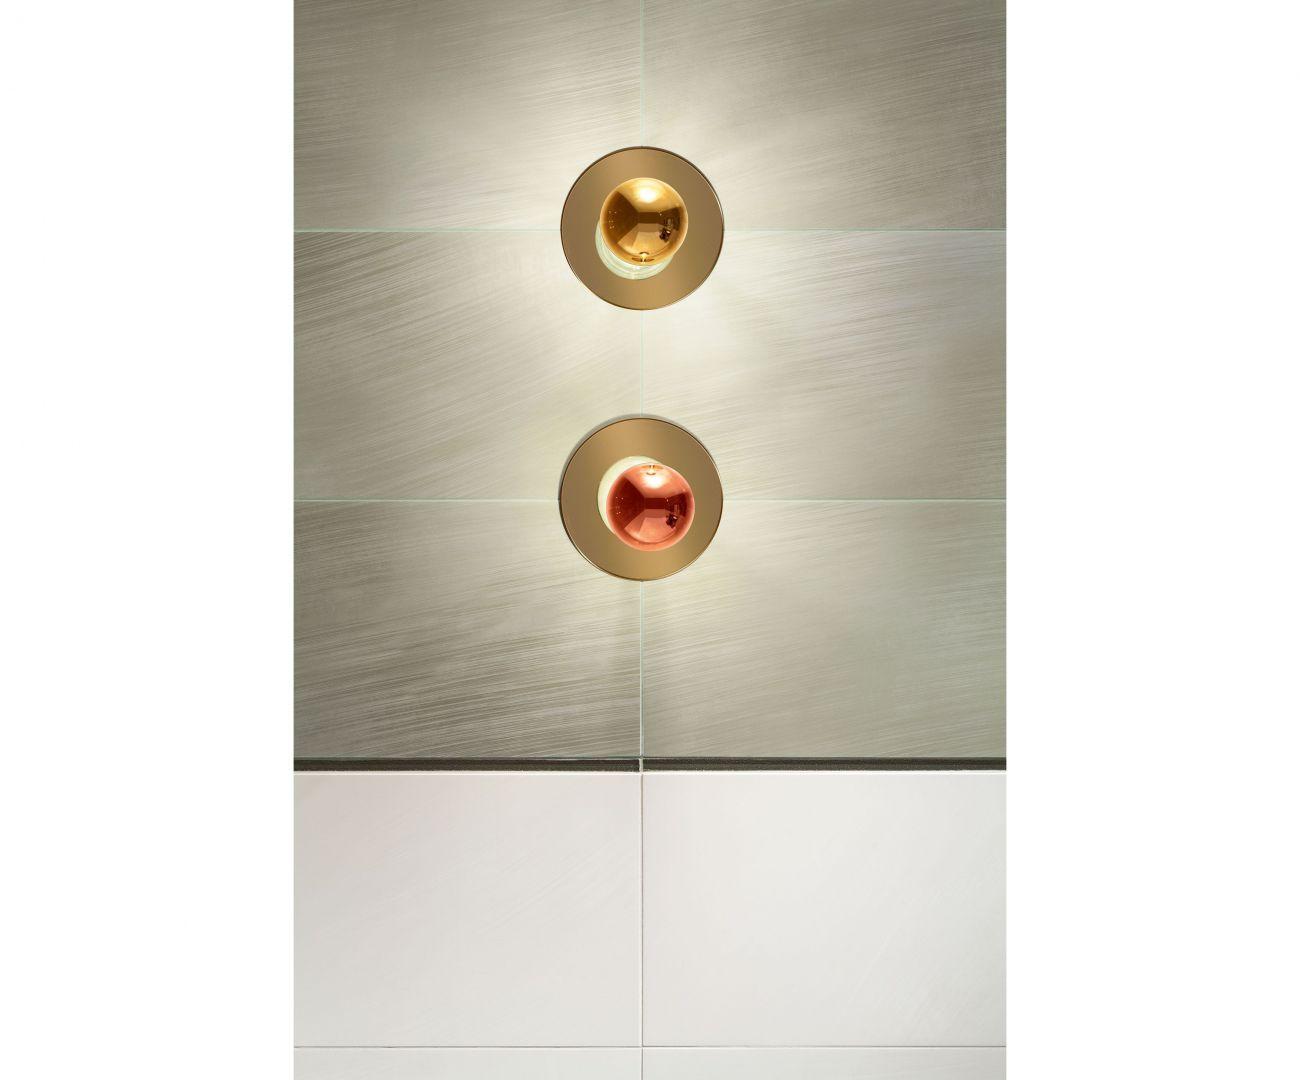 Ulotność wiatru w kolekcji Brass została zatrzymana w szklanym, połyskującym dekorze. Fot. Tubądzin